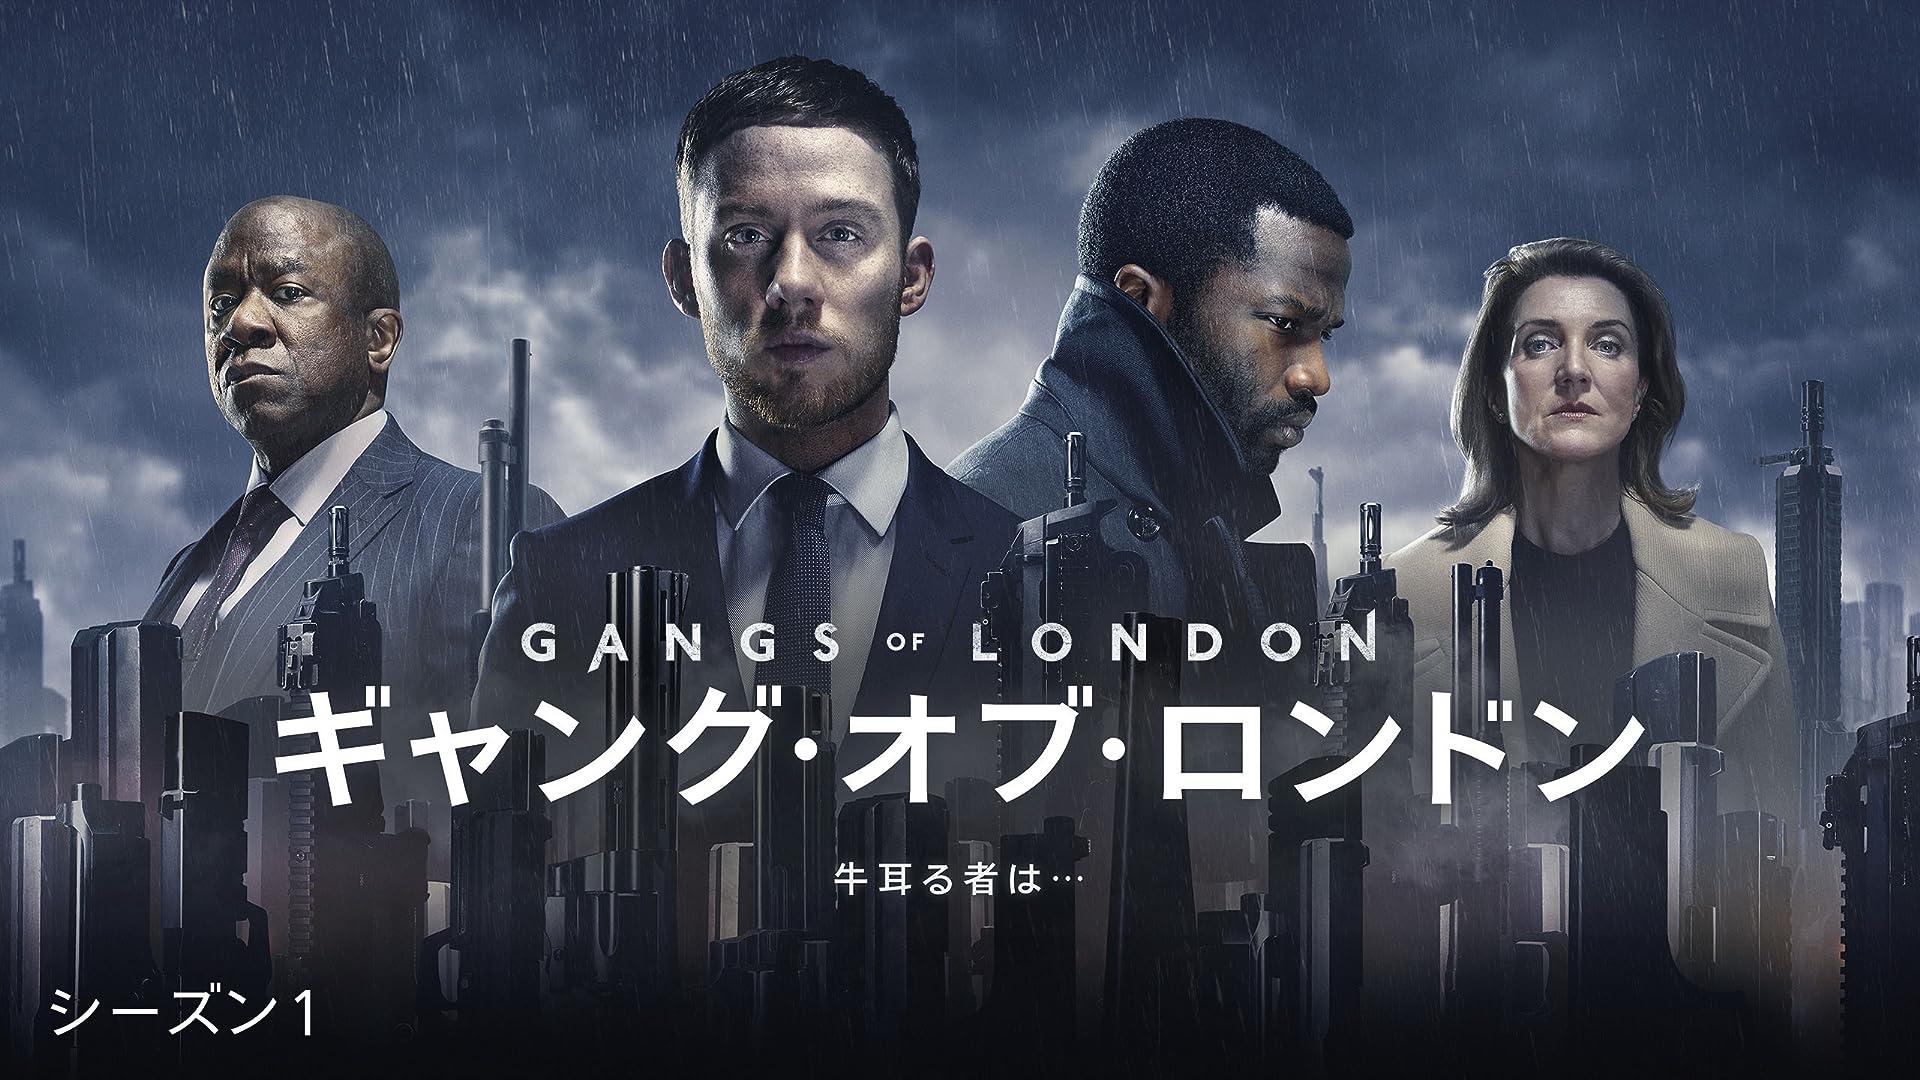 ギャング・オブ・ロンドンギャング・オブ・ロンドン (字幕版)